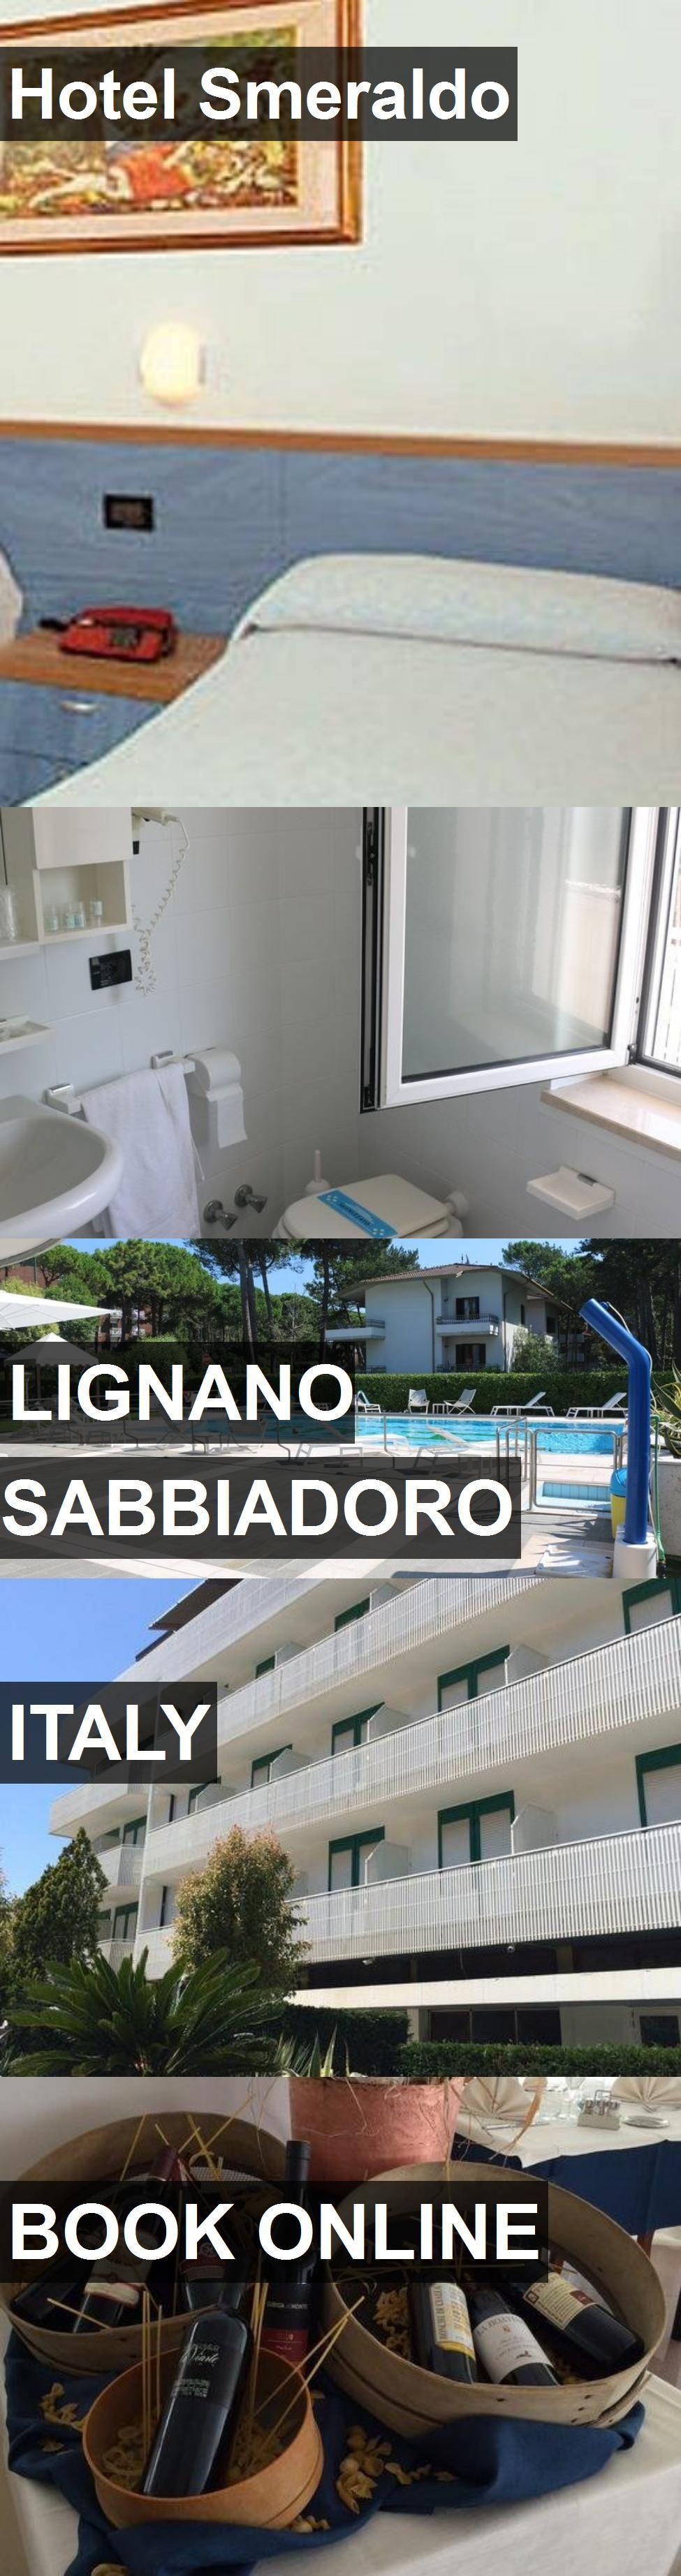 Hotel Smeraldo in Lignano Sabbiadoro, Italy. For more